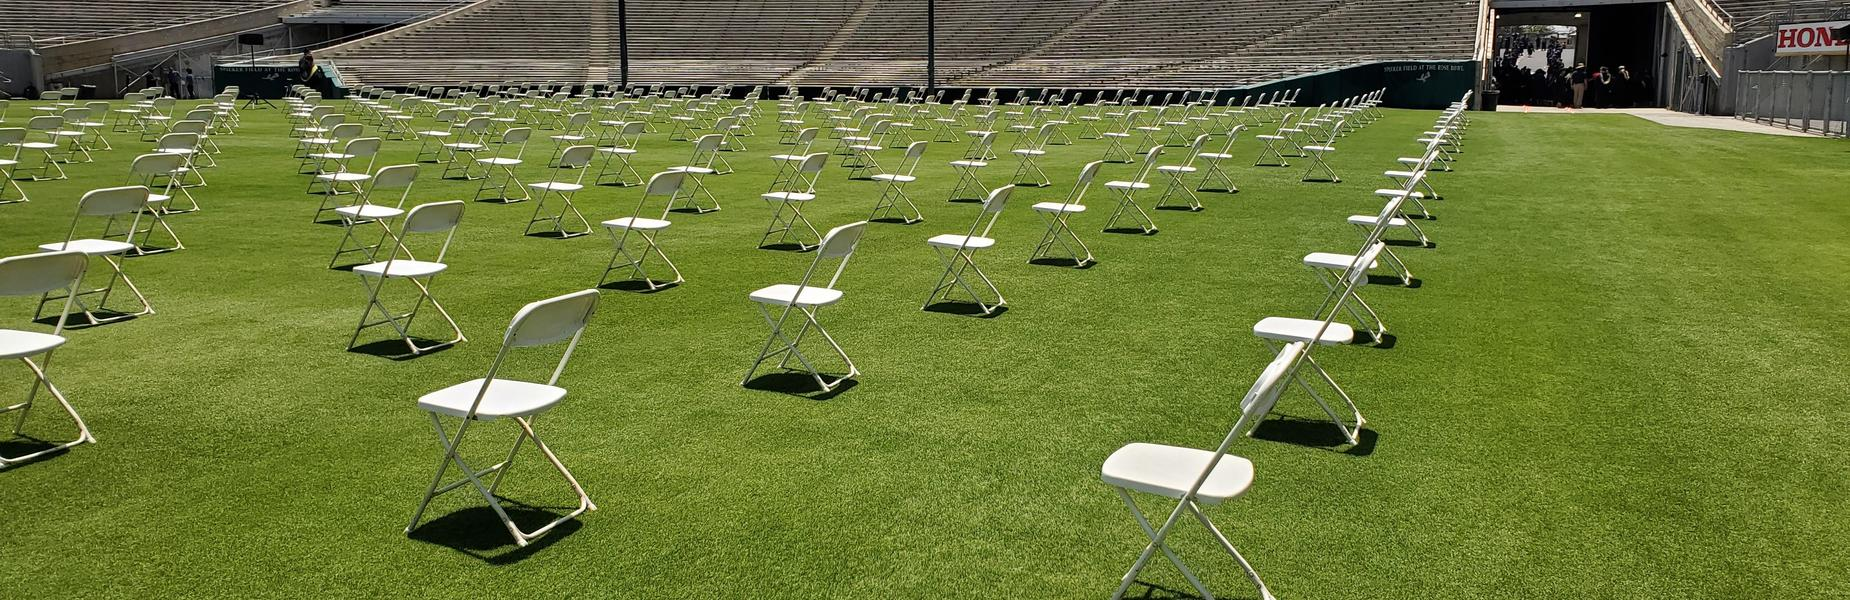 Graduation at the Rose Bowl - May 27, 2021